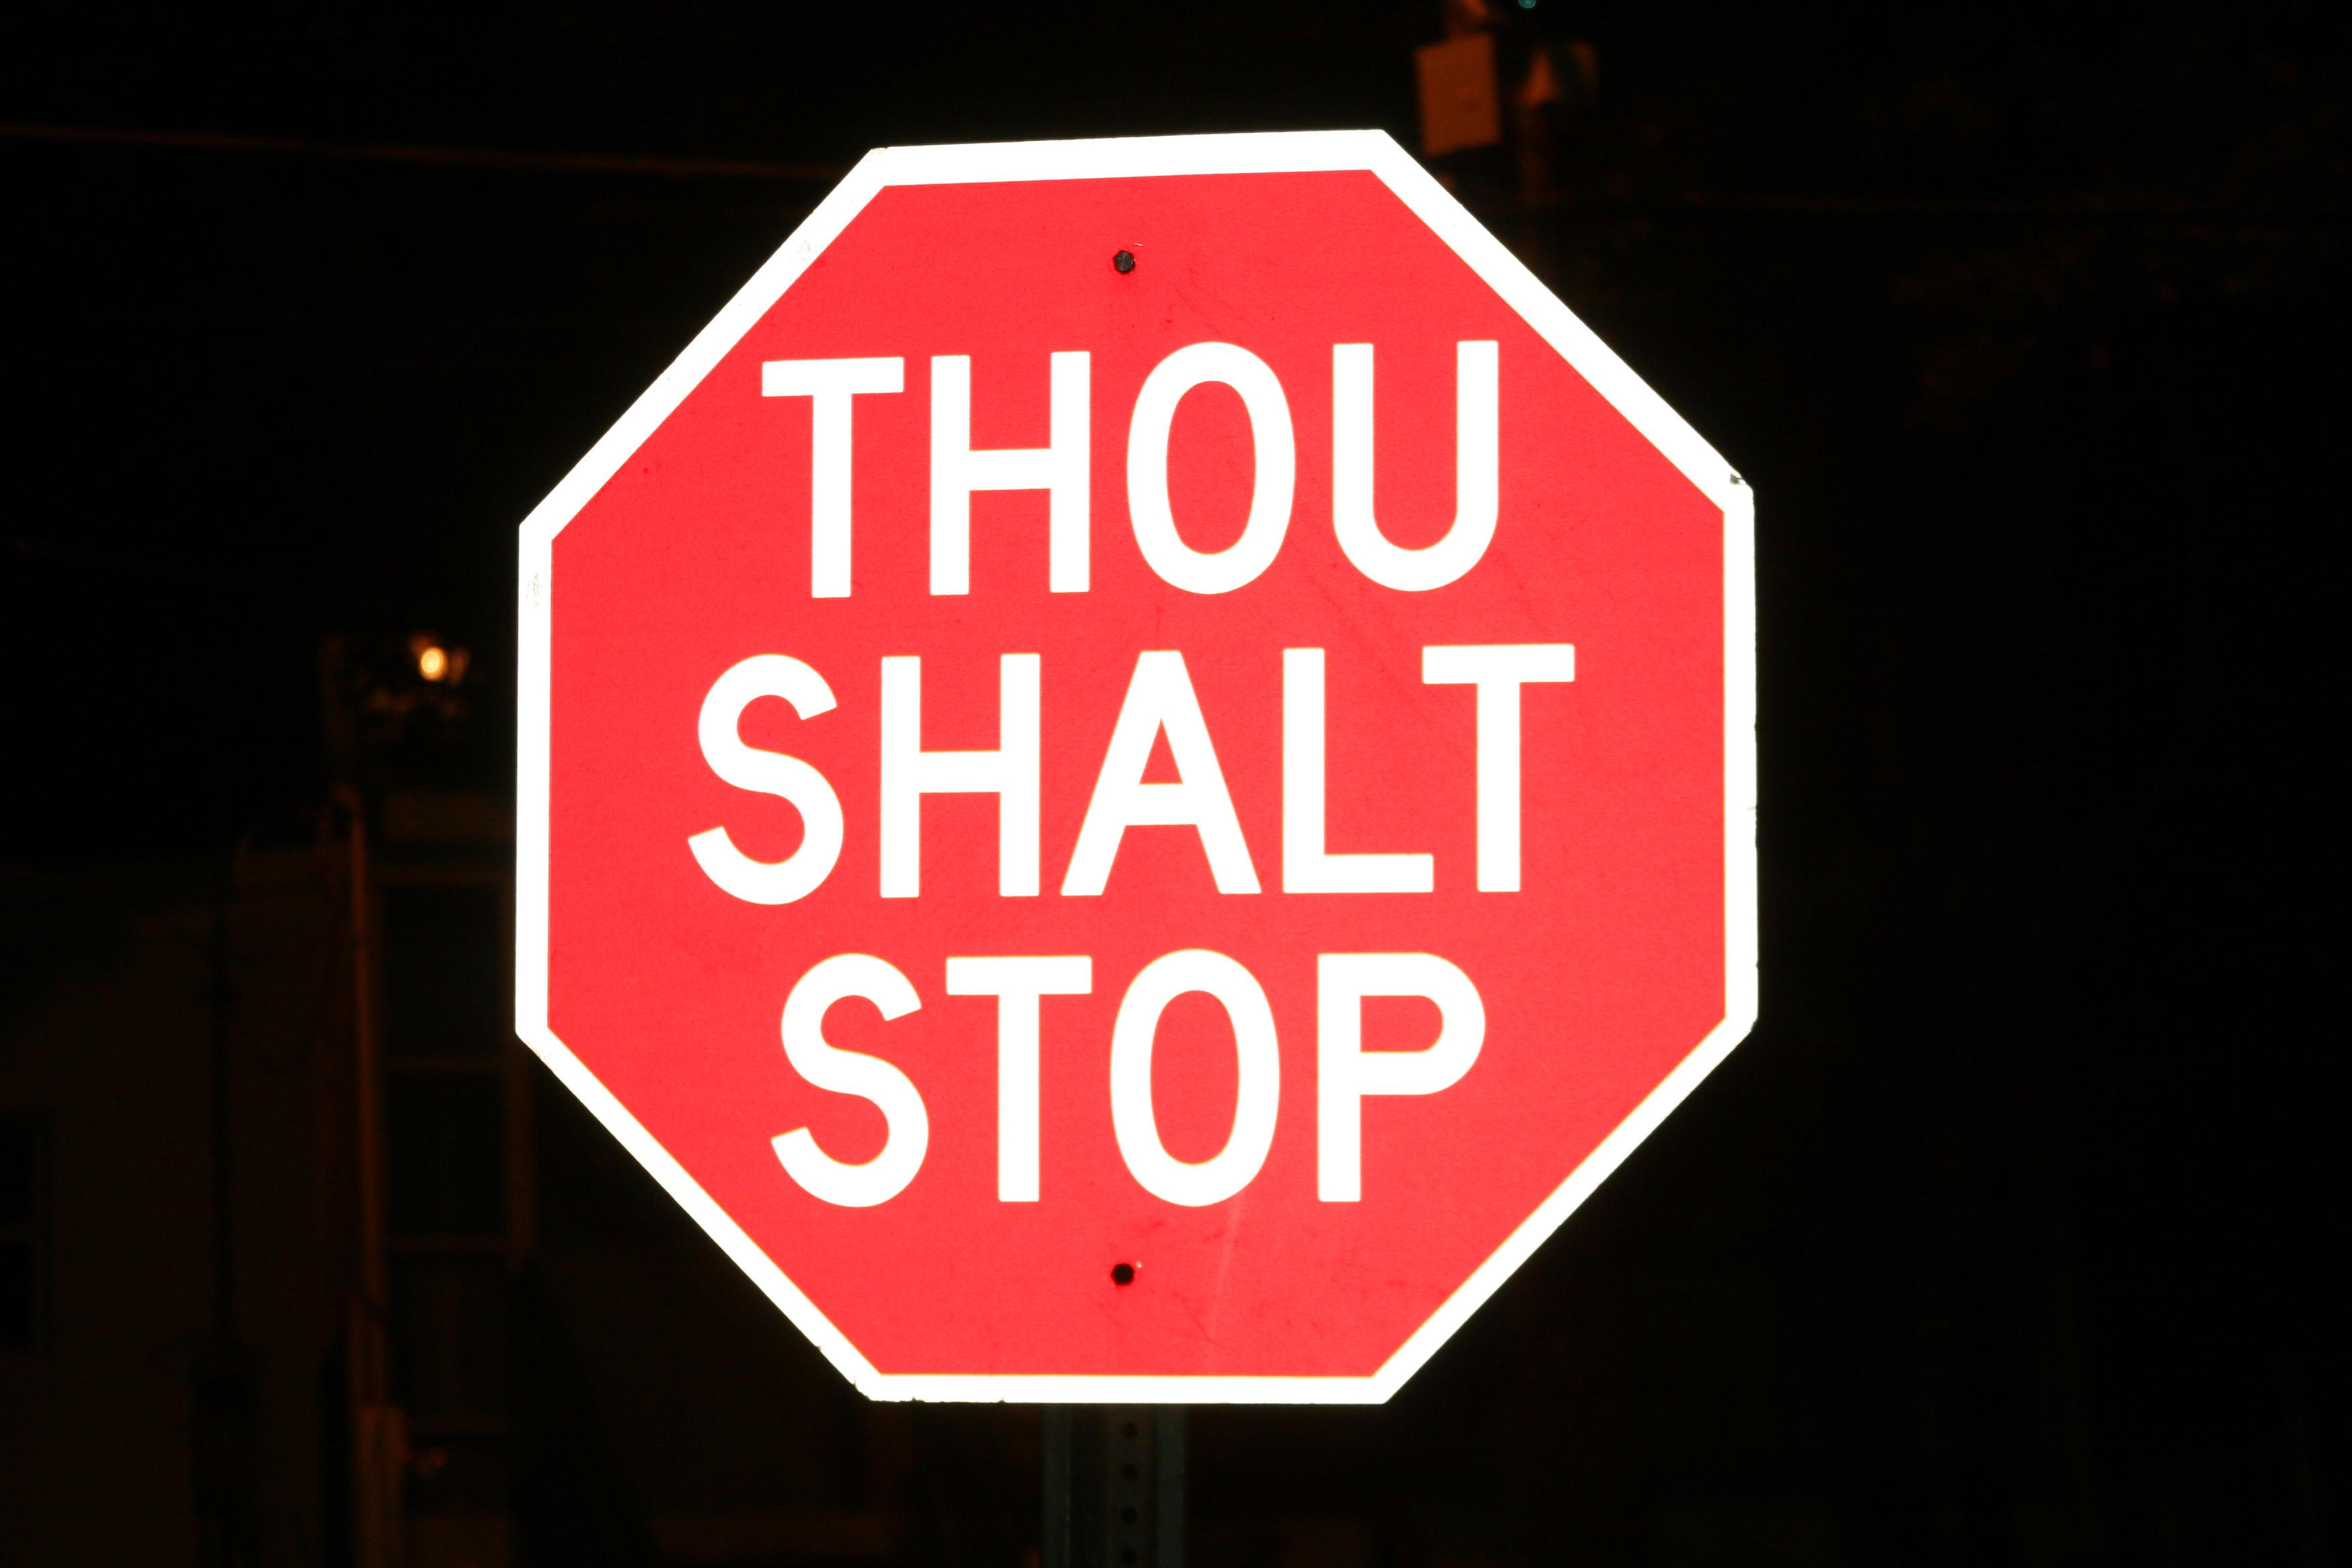 Holy_Stop_Sign_by_Saikano259